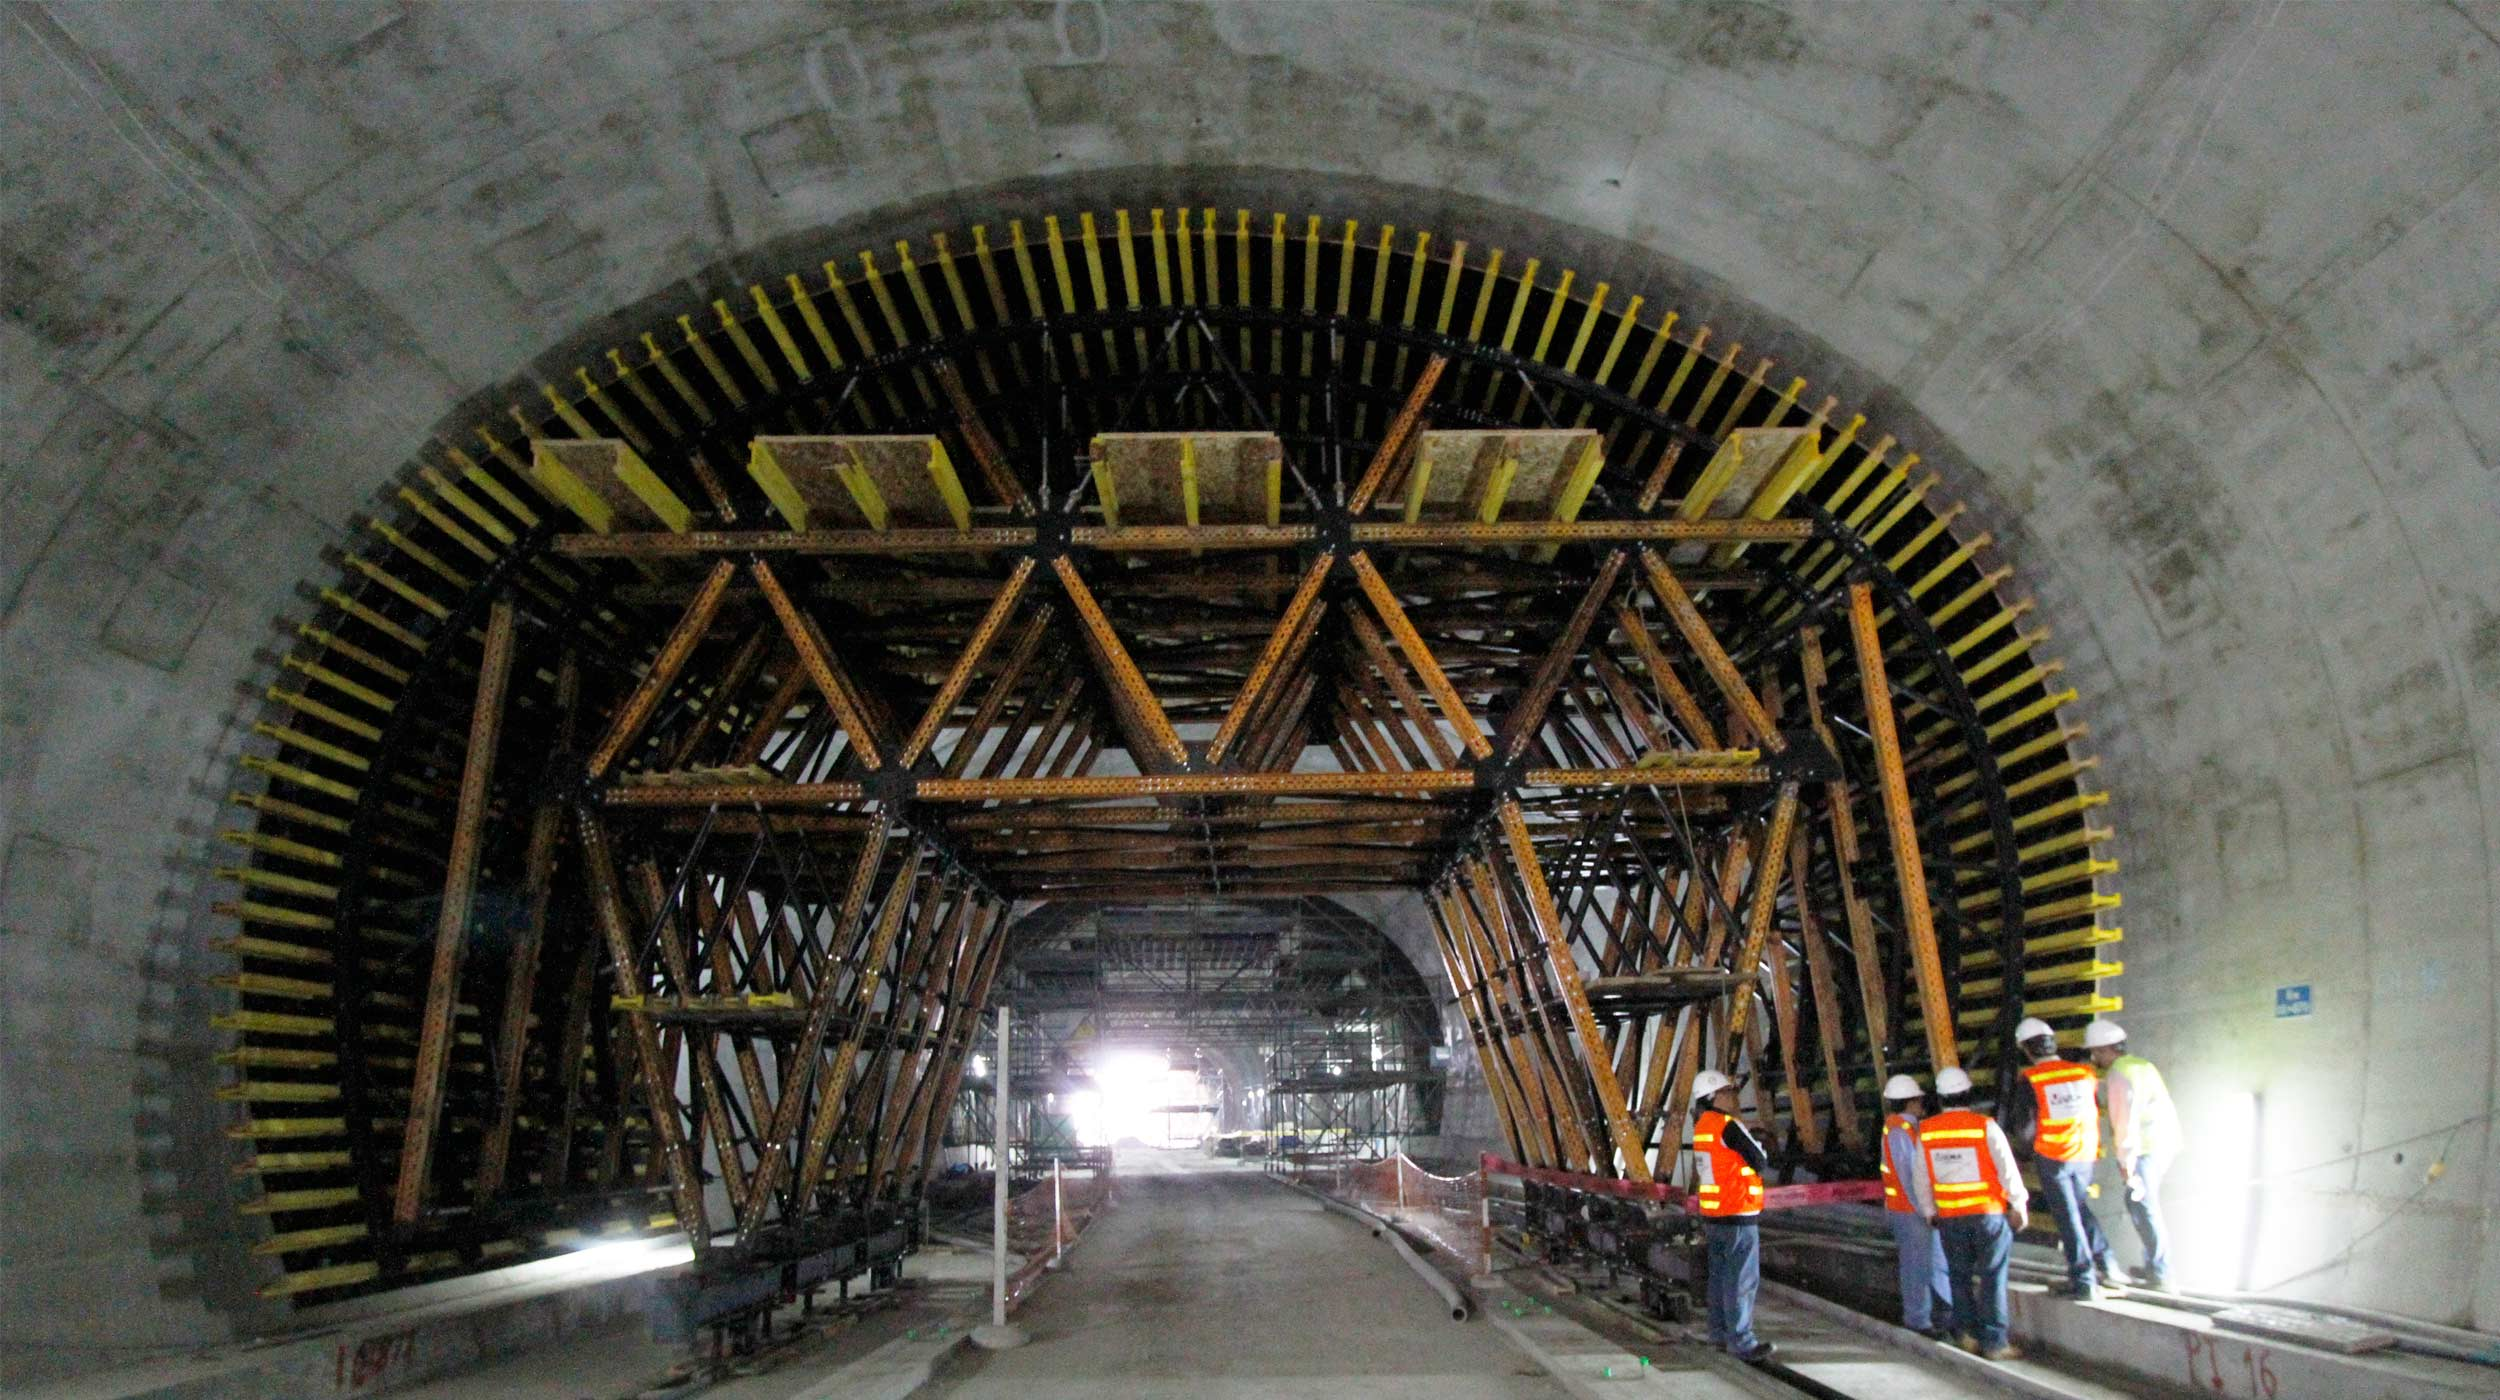 Díky našim standardním vozíkům MK jsme byli schopni tyto dva tunely postavit flexibilním způsobem, který zákazníkovi významně ušetřil náklady.